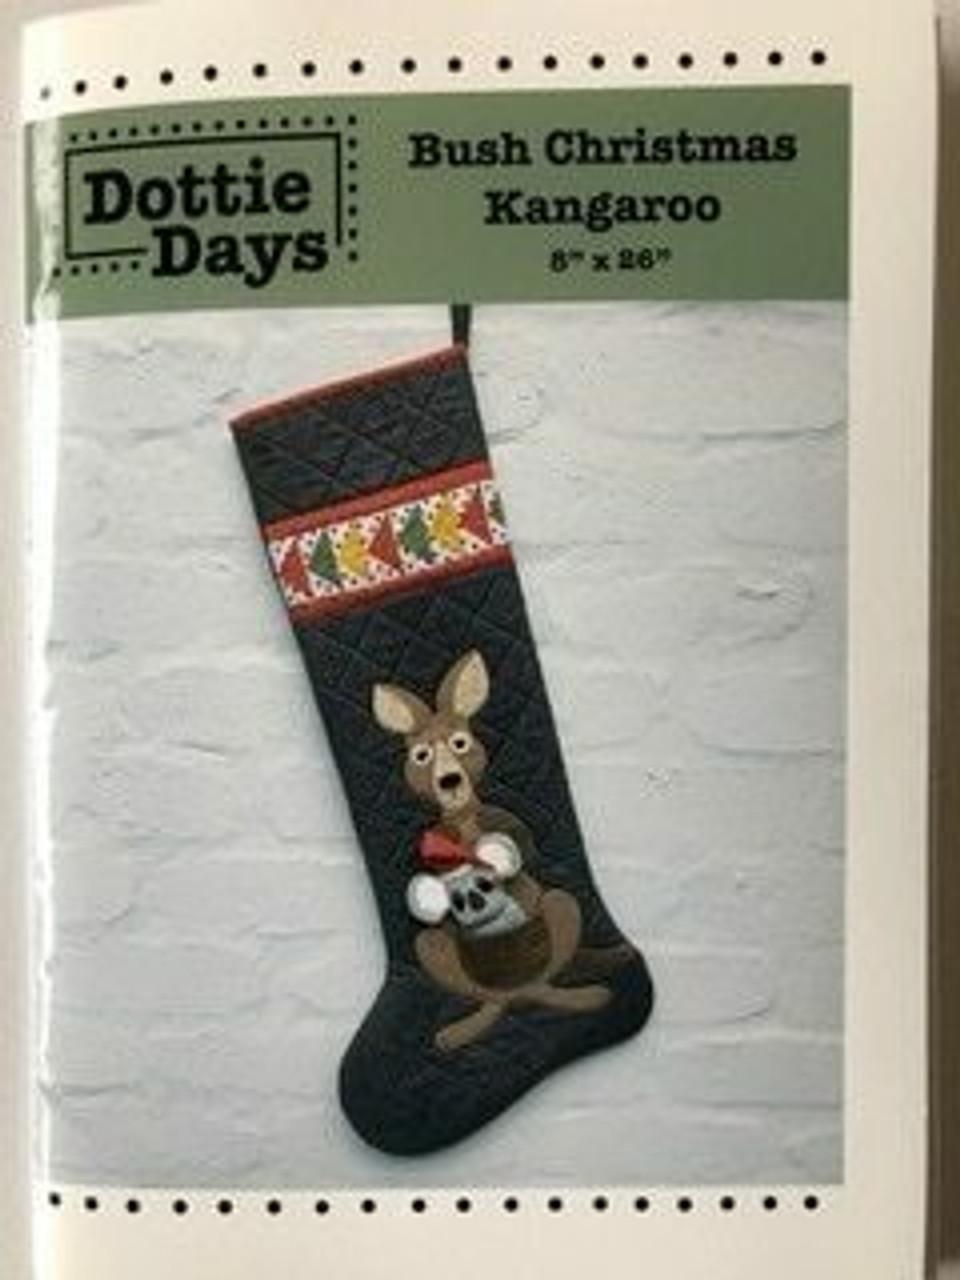 Dottie Days : Bush Christmas Kangaroo